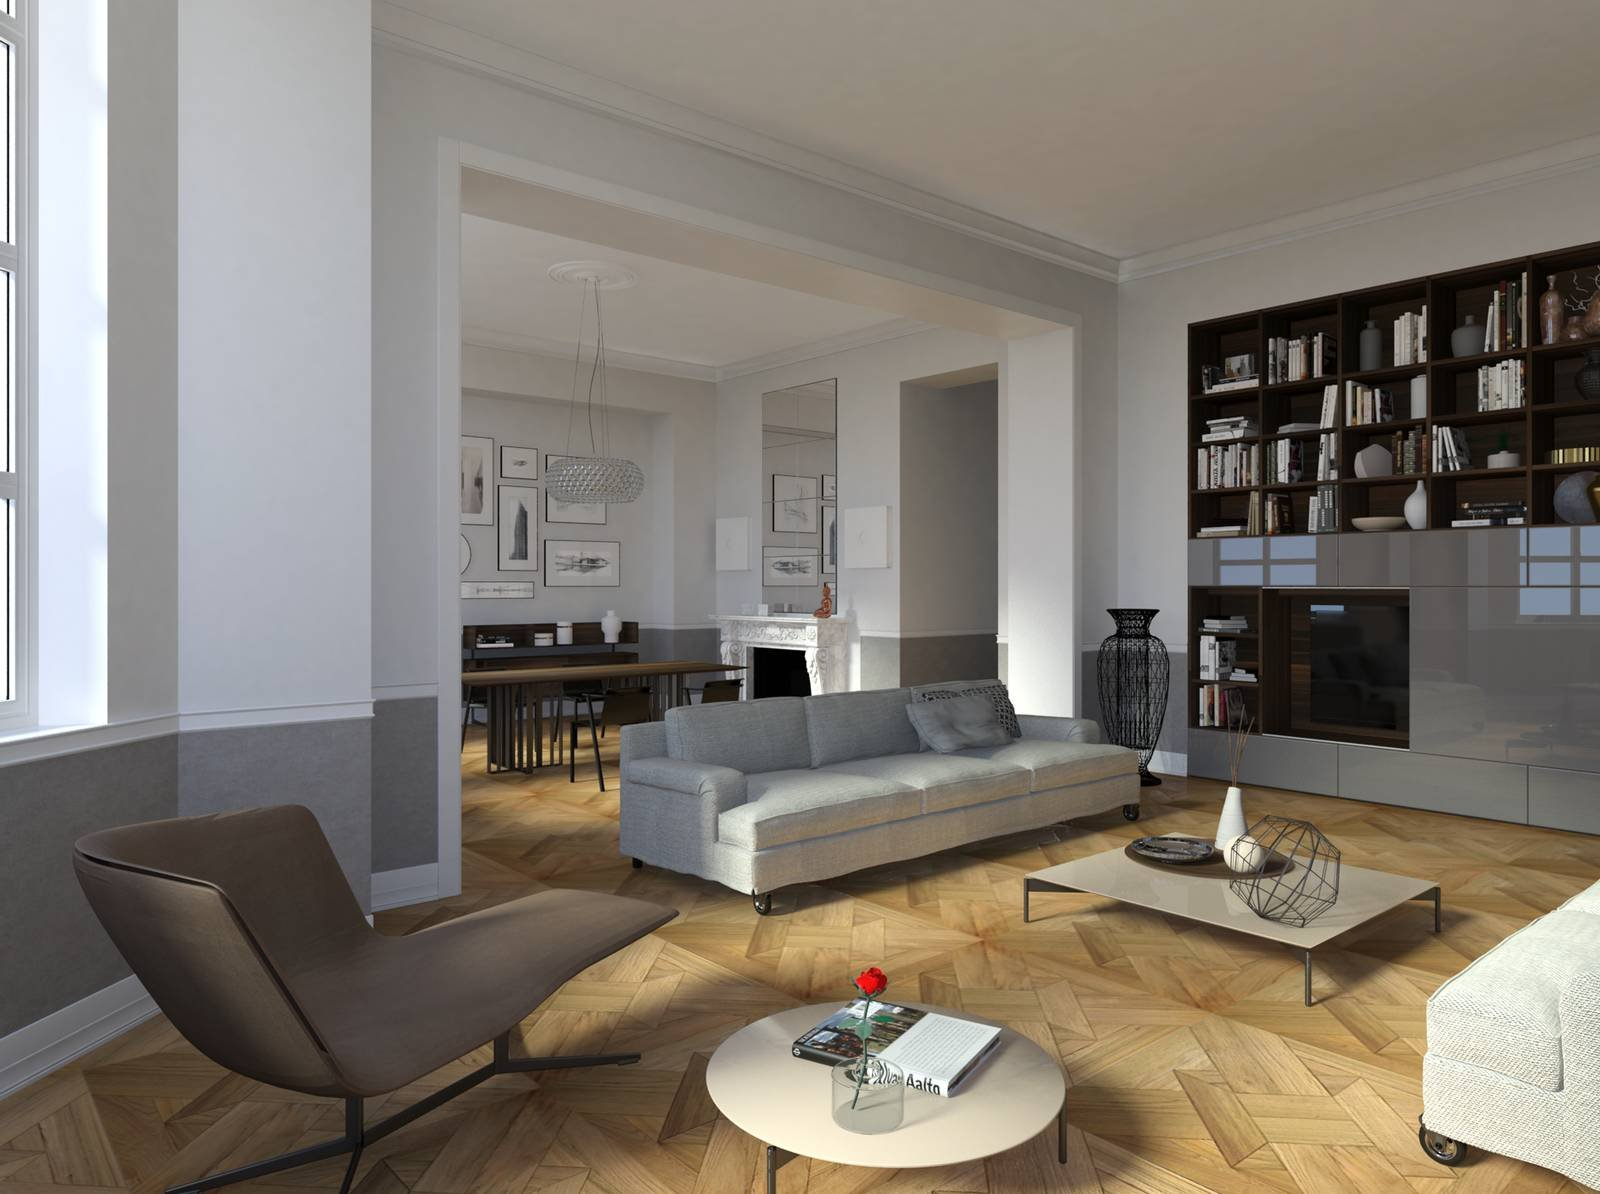 Casa d epoca arredi contemporanei progetto di interior for Arredamento d epoca